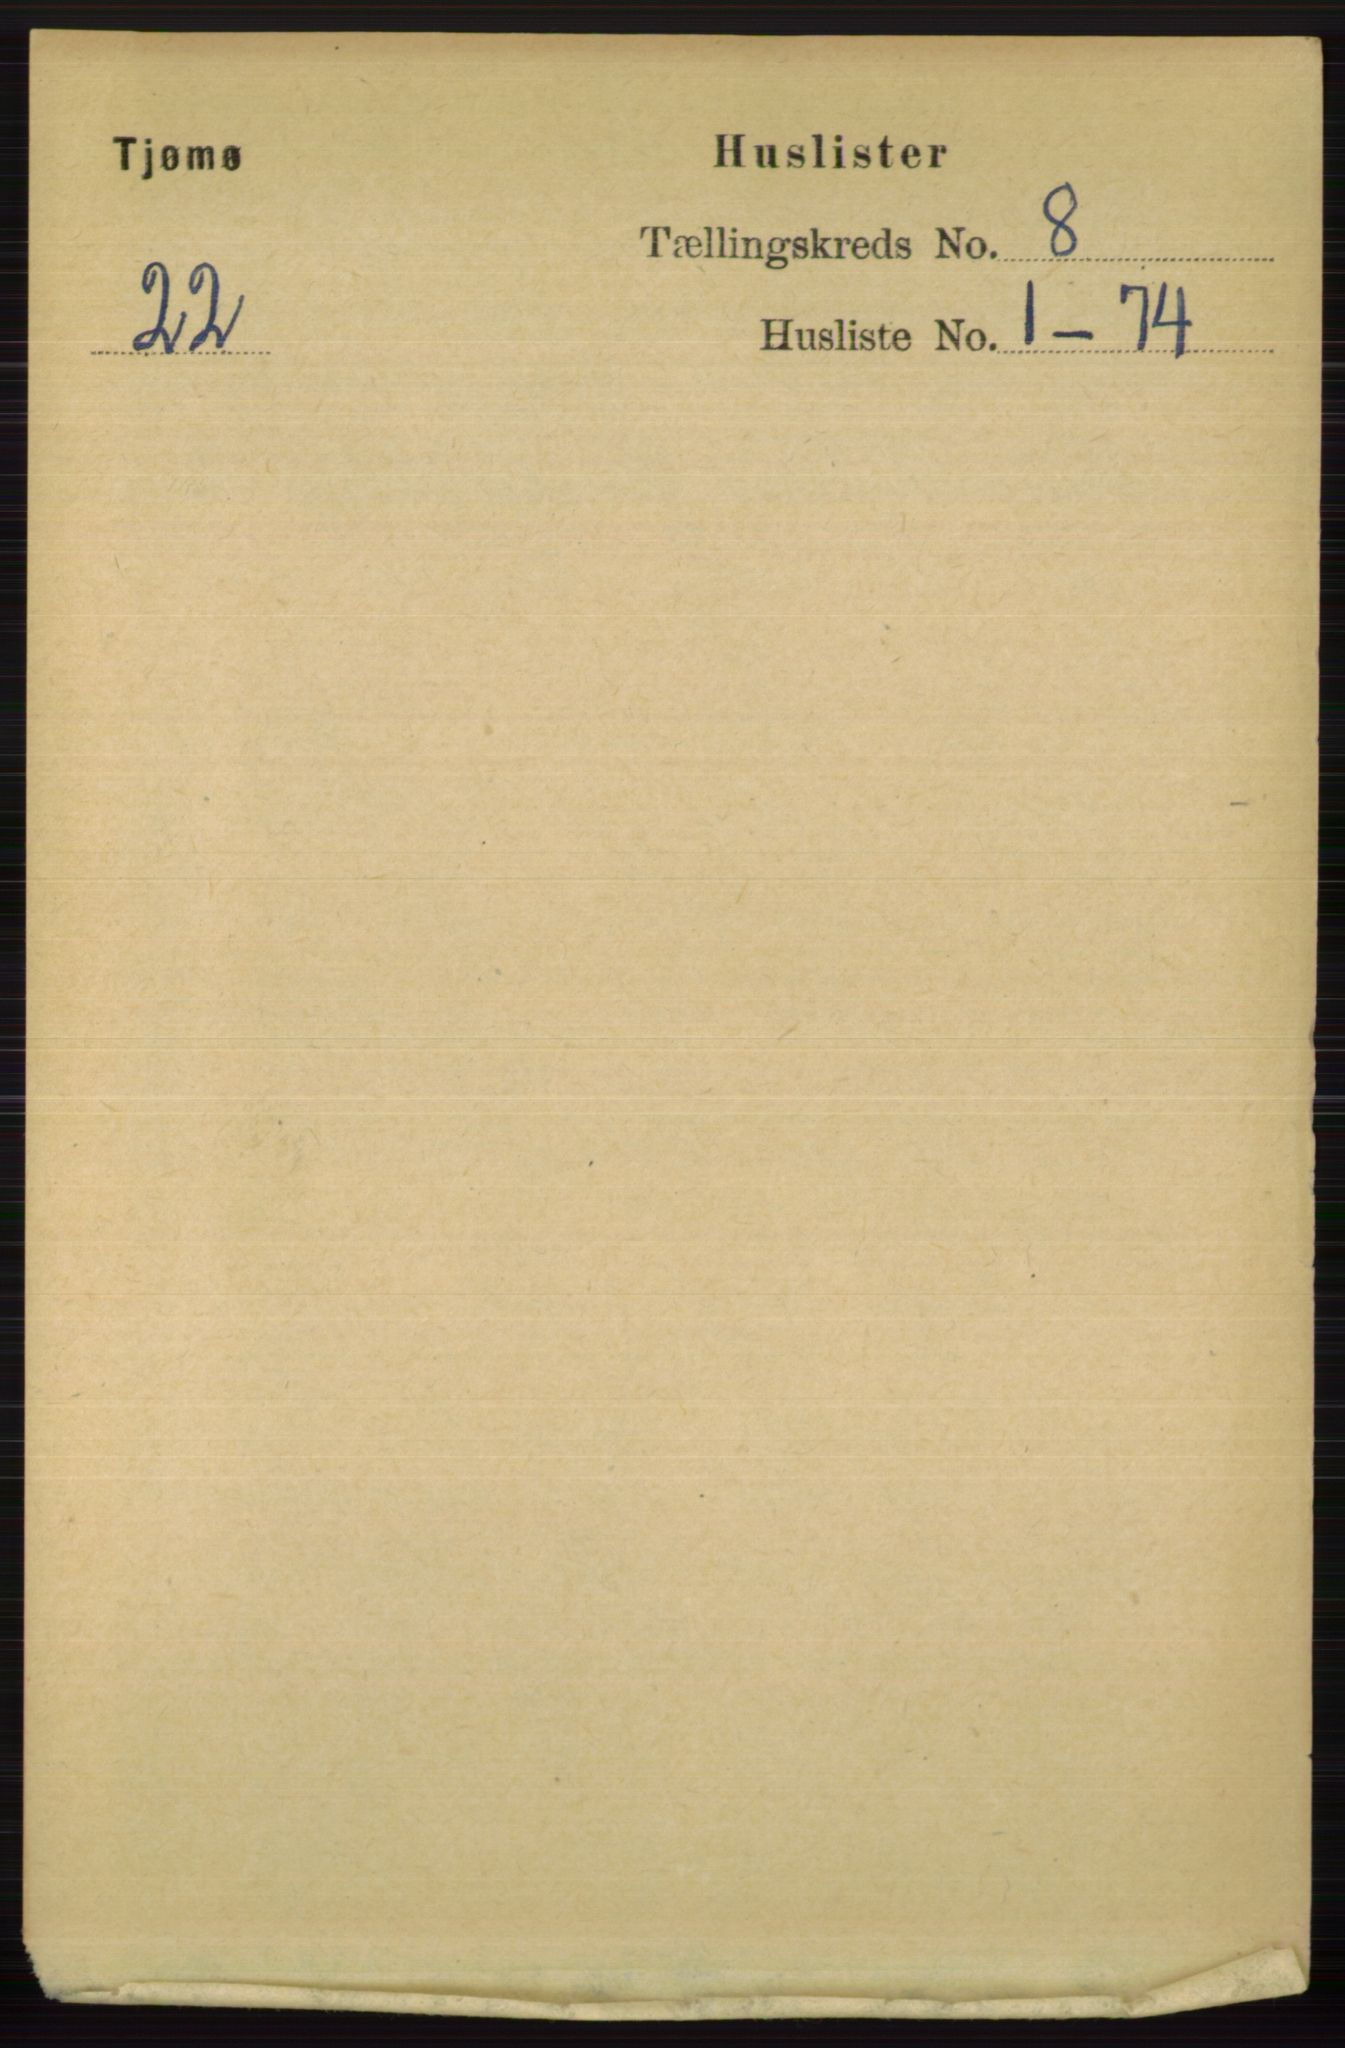 RA, Folketelling 1891 for 0723 Tjøme herred, 1891, s. 2720